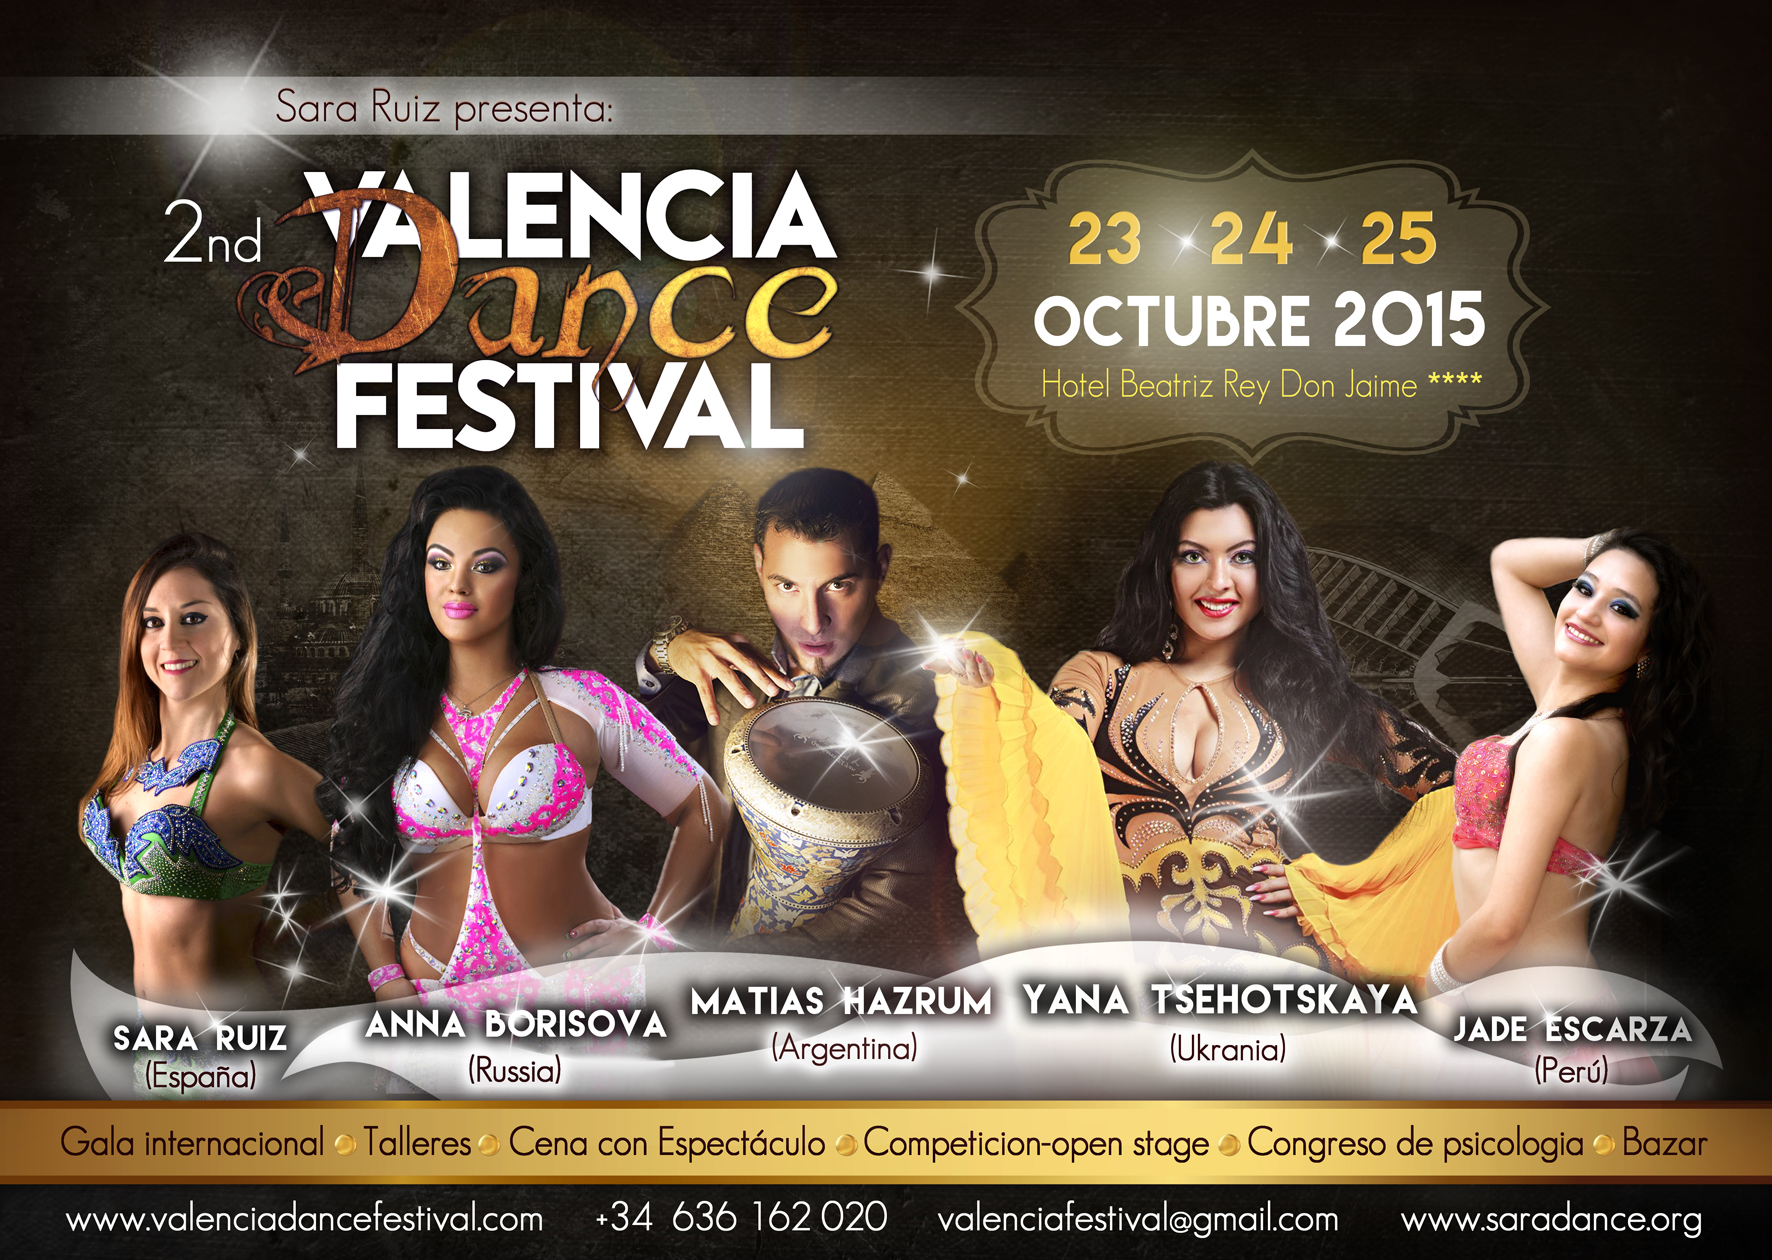 2º VALENCIA DANCE FESTIVAL 2015, 23,24, Y 25 DE OCTUBRE DE 2015 EN VALENCIA